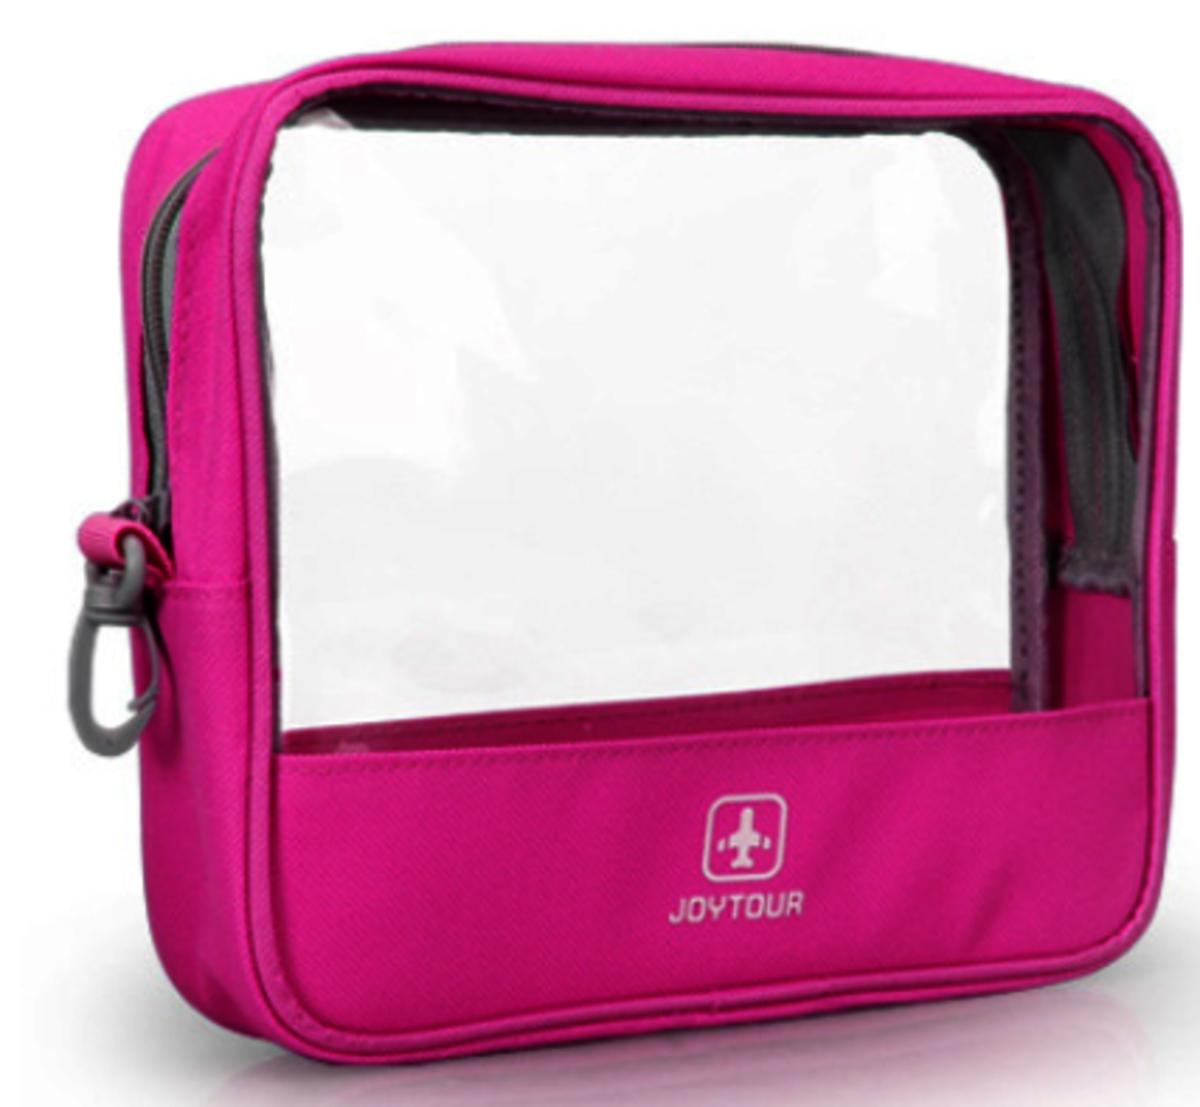 Joytour 防水旅行洗漱包透明收納袋